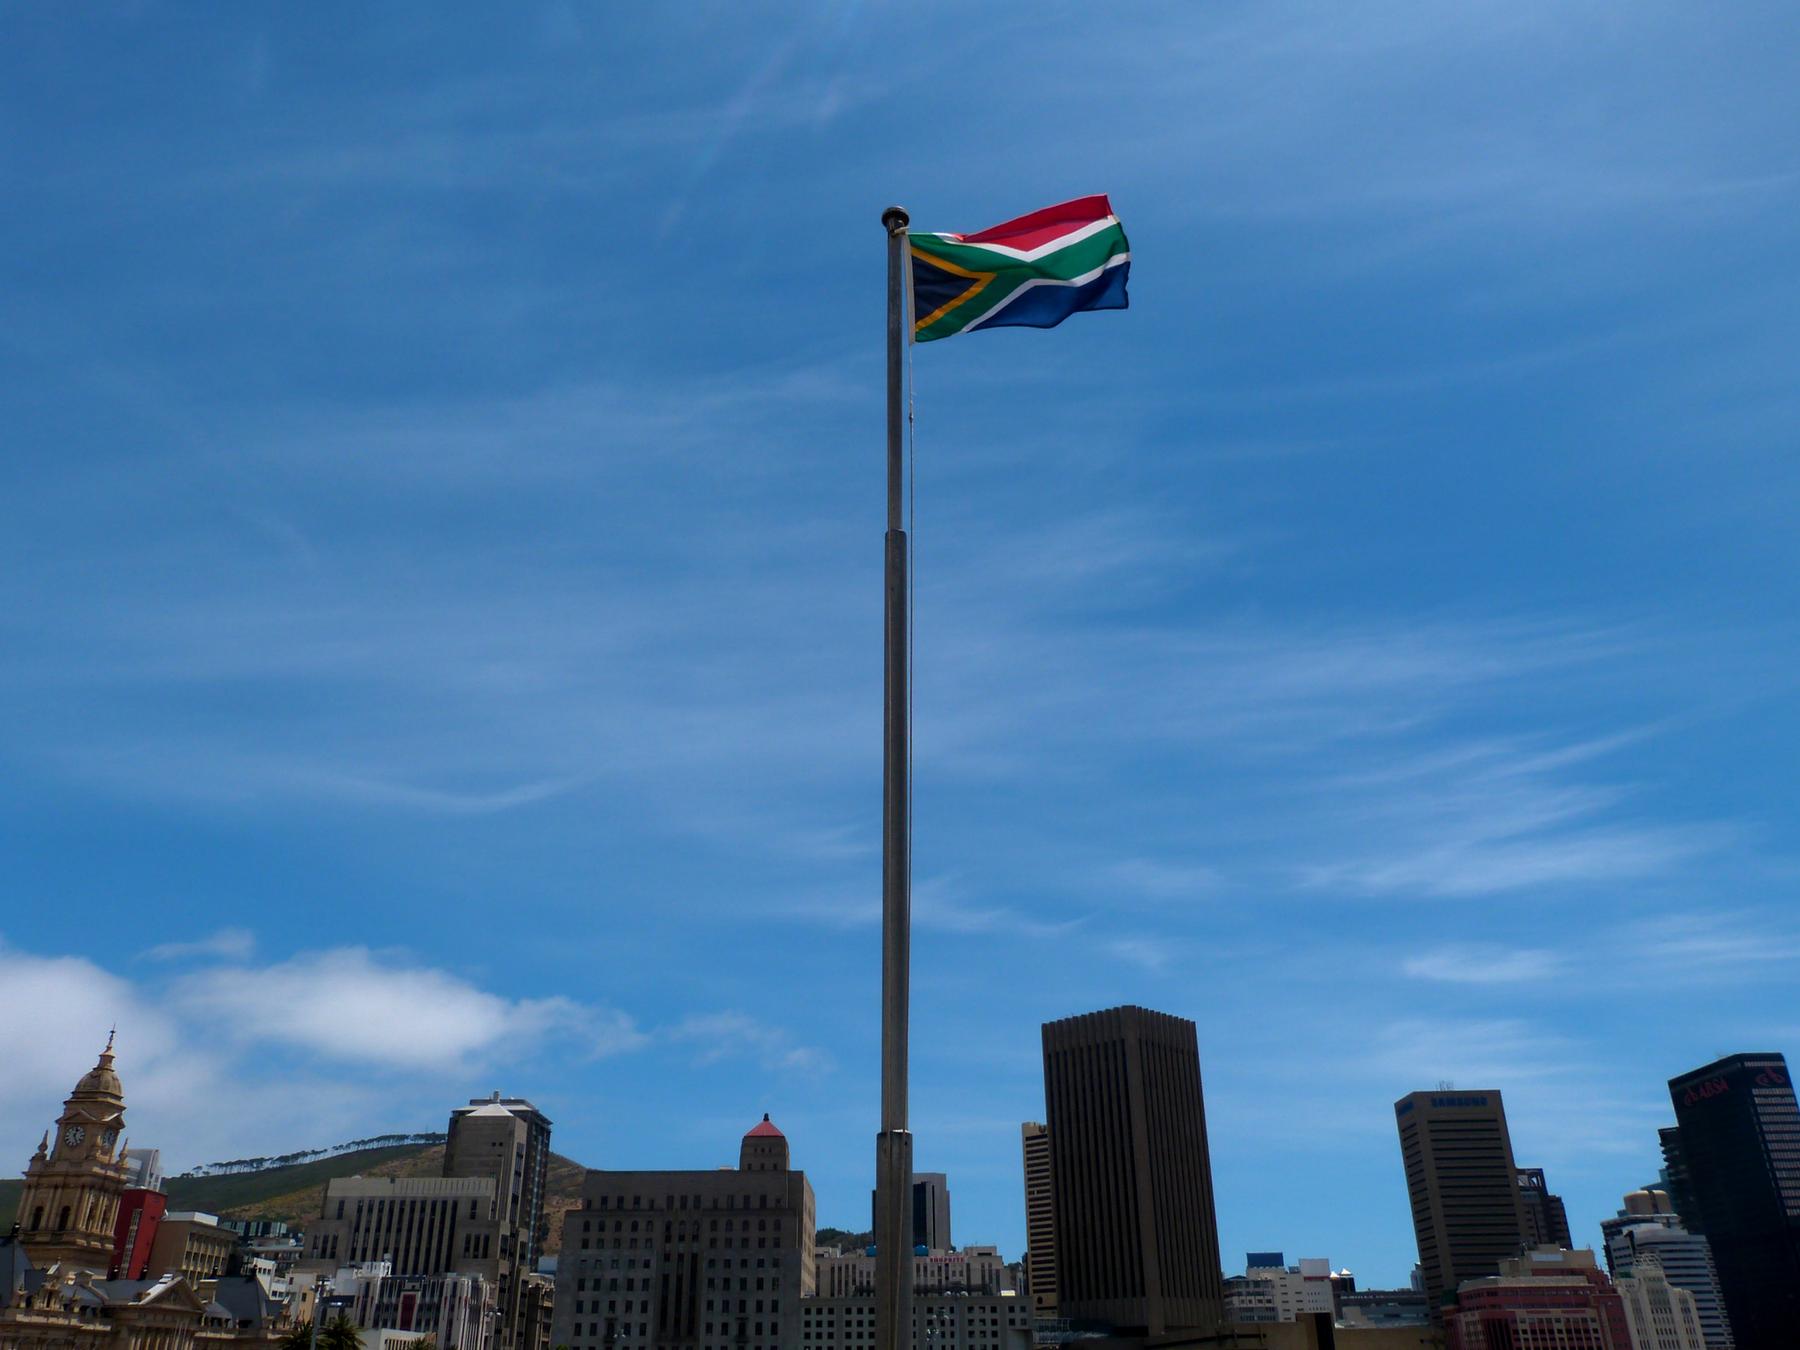 Roteiro-Cidade-do-Cabo-4-a-7-dias-castelo-da-boa-esperança-vista Roteiro Cidade do Cabo 4 a 7 dias (Sensacional)!